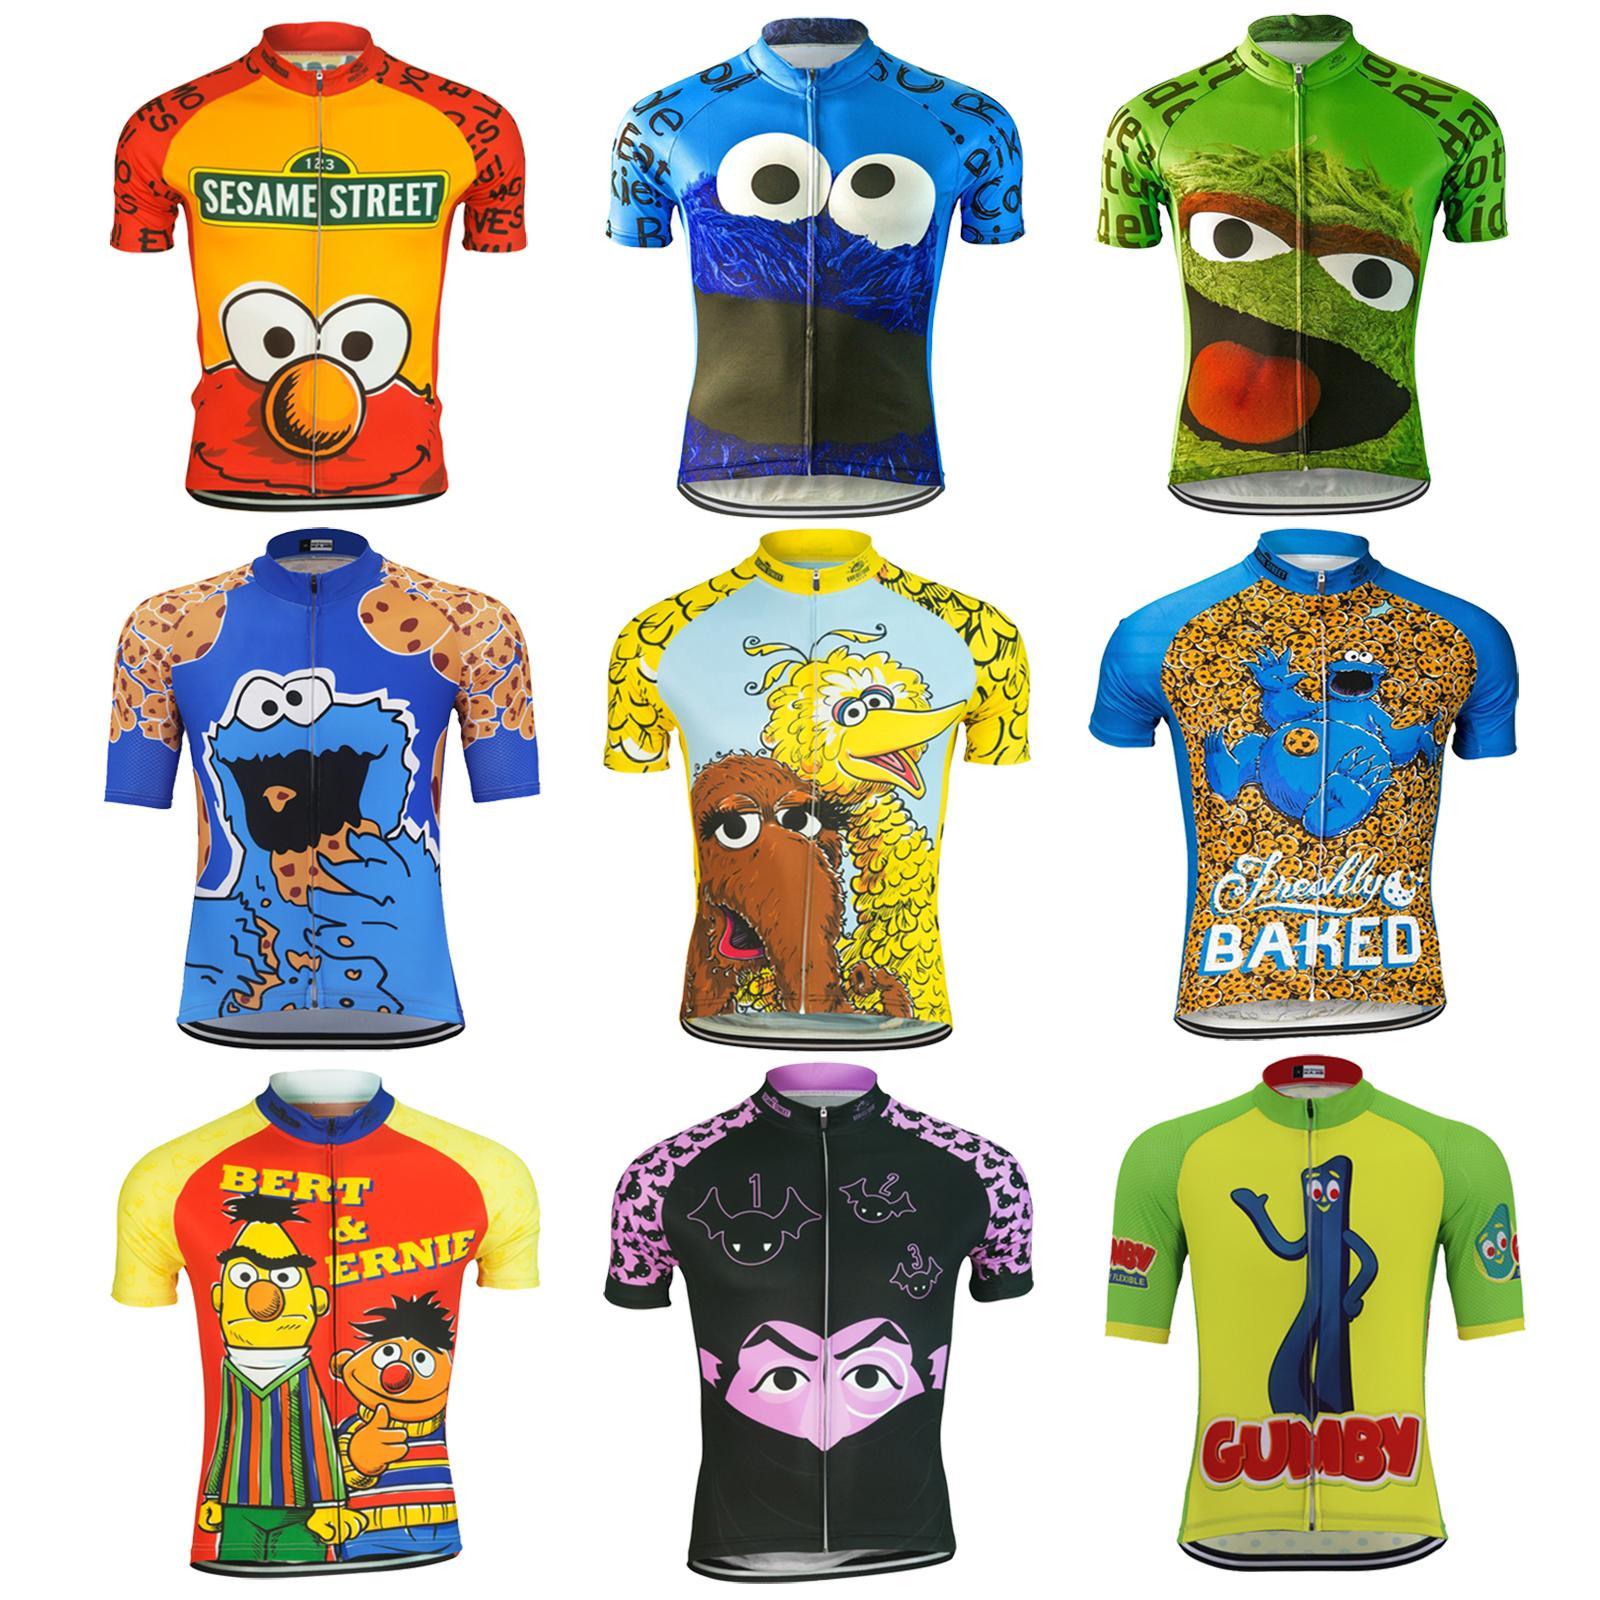 여름 만화 재미 자전거 유니폼 남성 쿠키 자전거 의류 도로 자전거 의류 MTB 자전거 의류 경주 사이클 저지 짧은 소매를 먹어